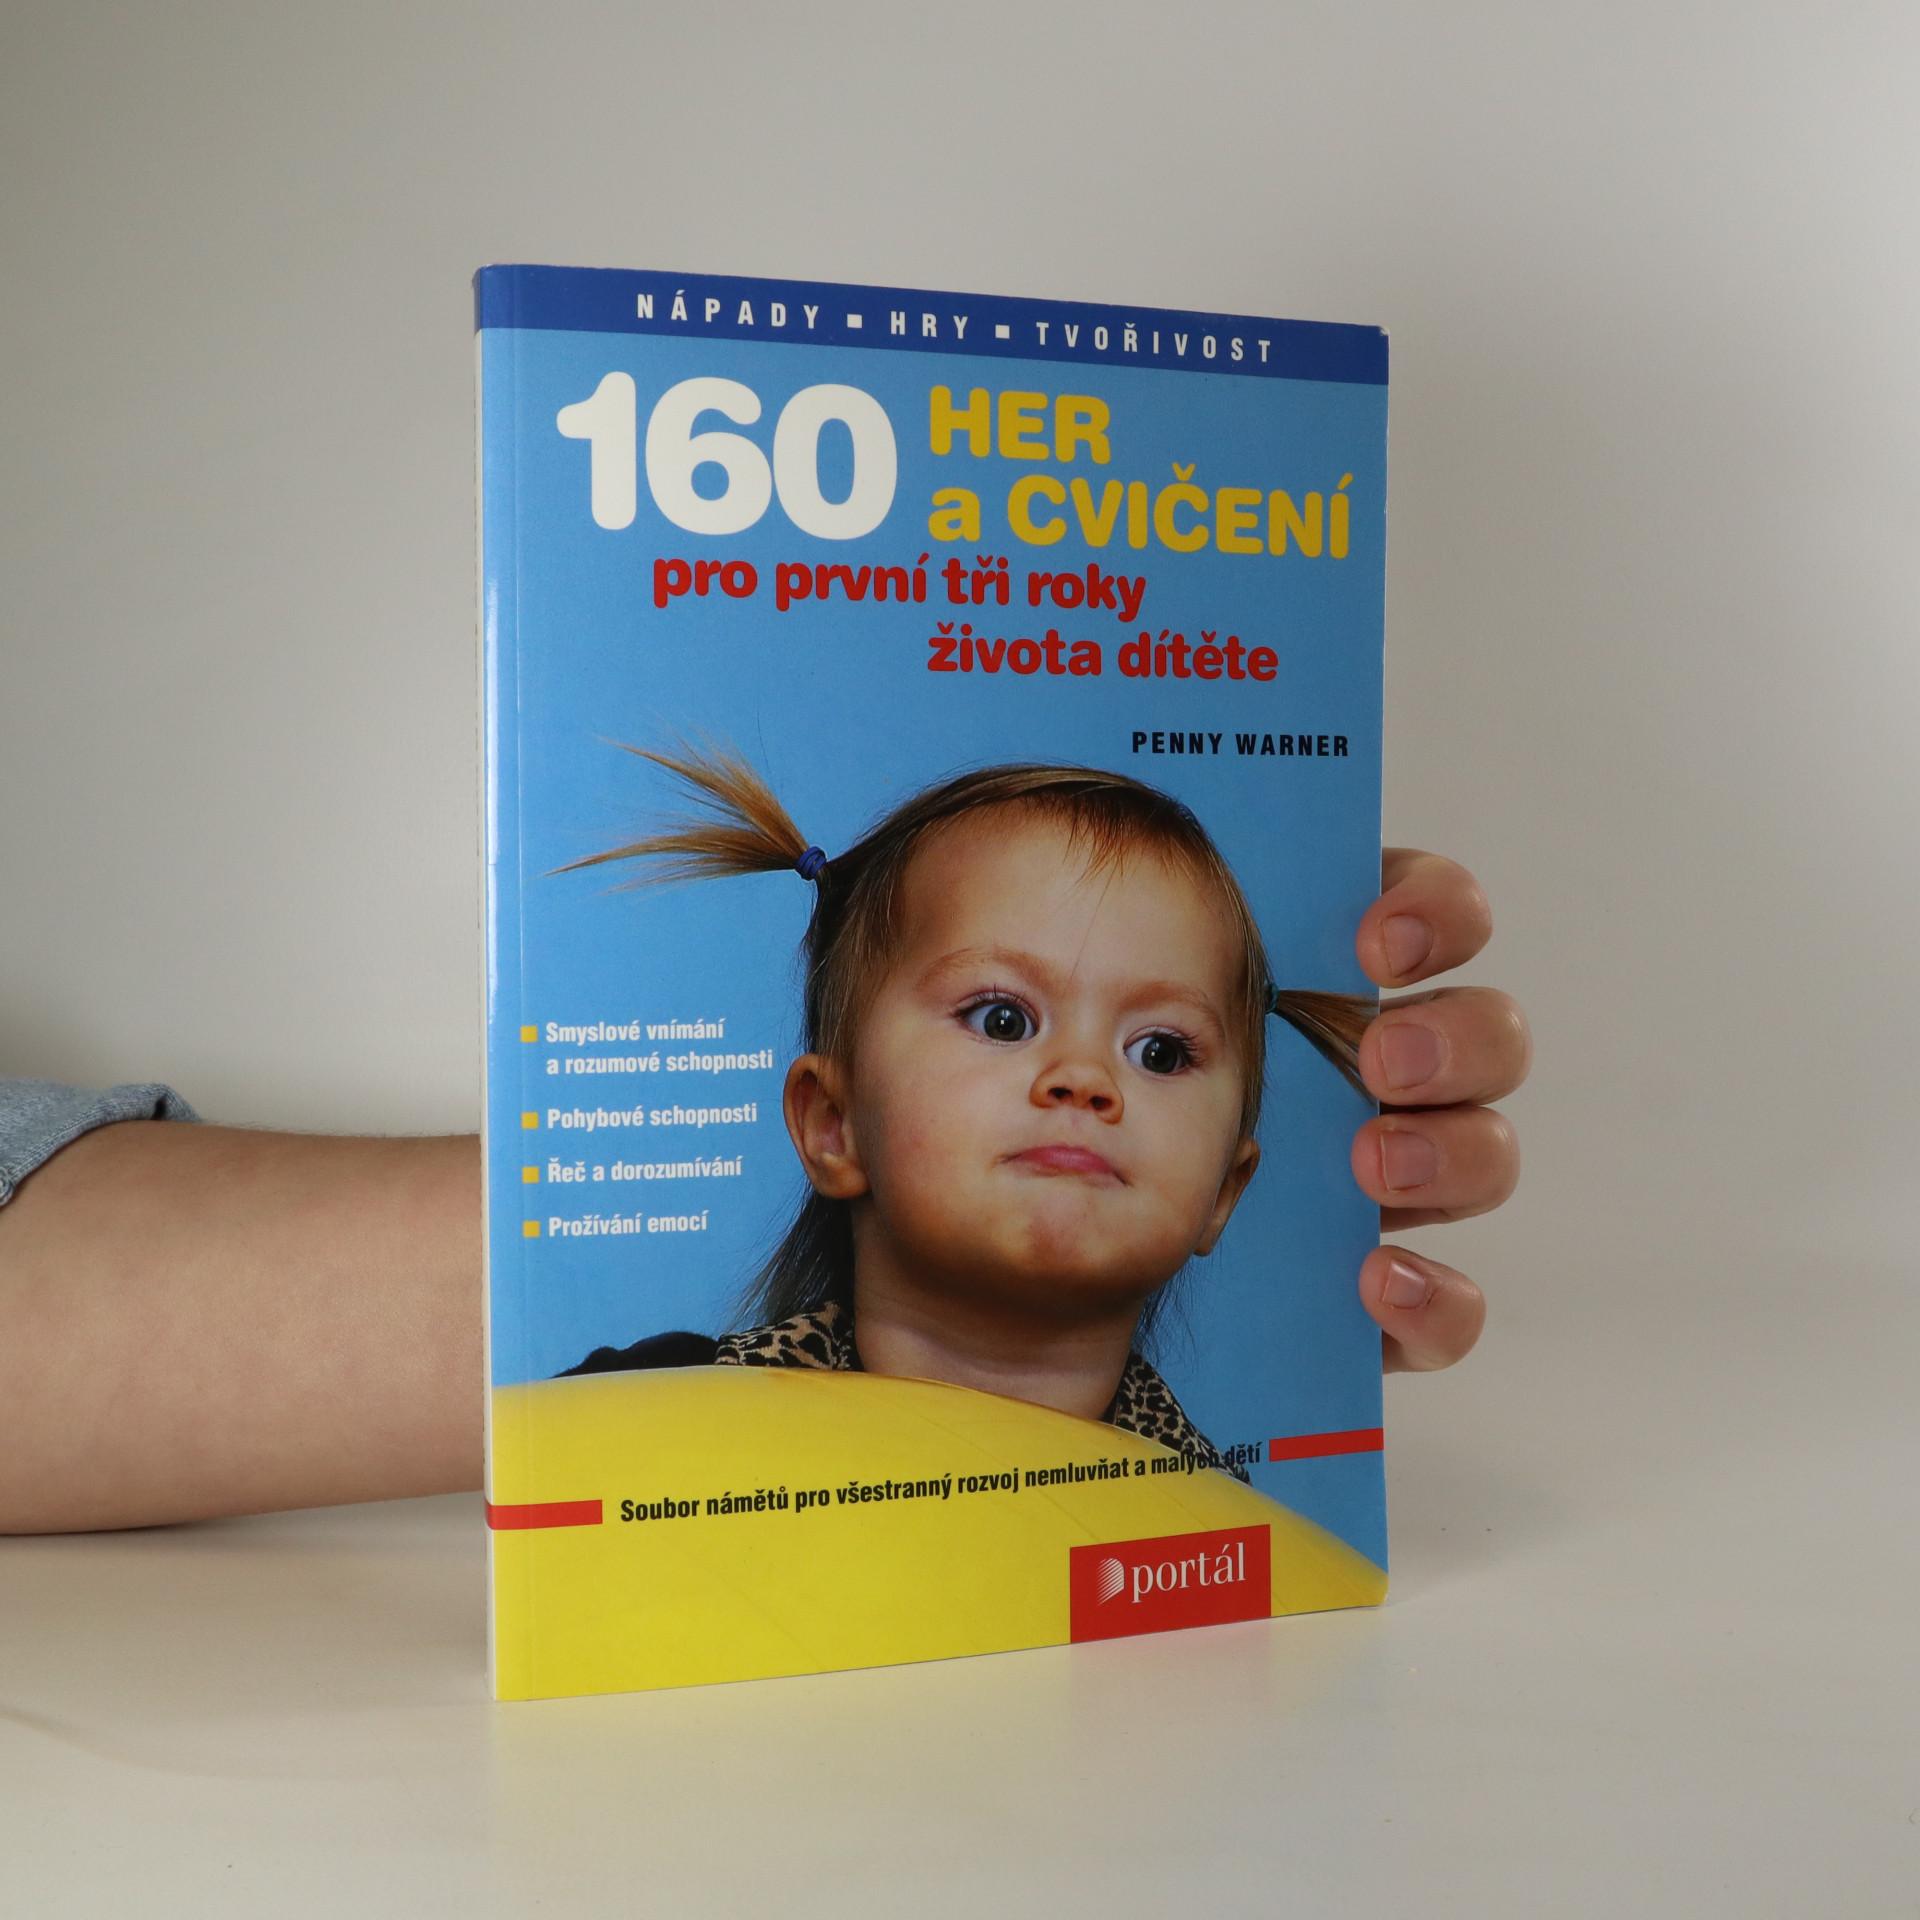 antikvární kniha 160 her a cvičení pro první tři roky života dítěte, 2004